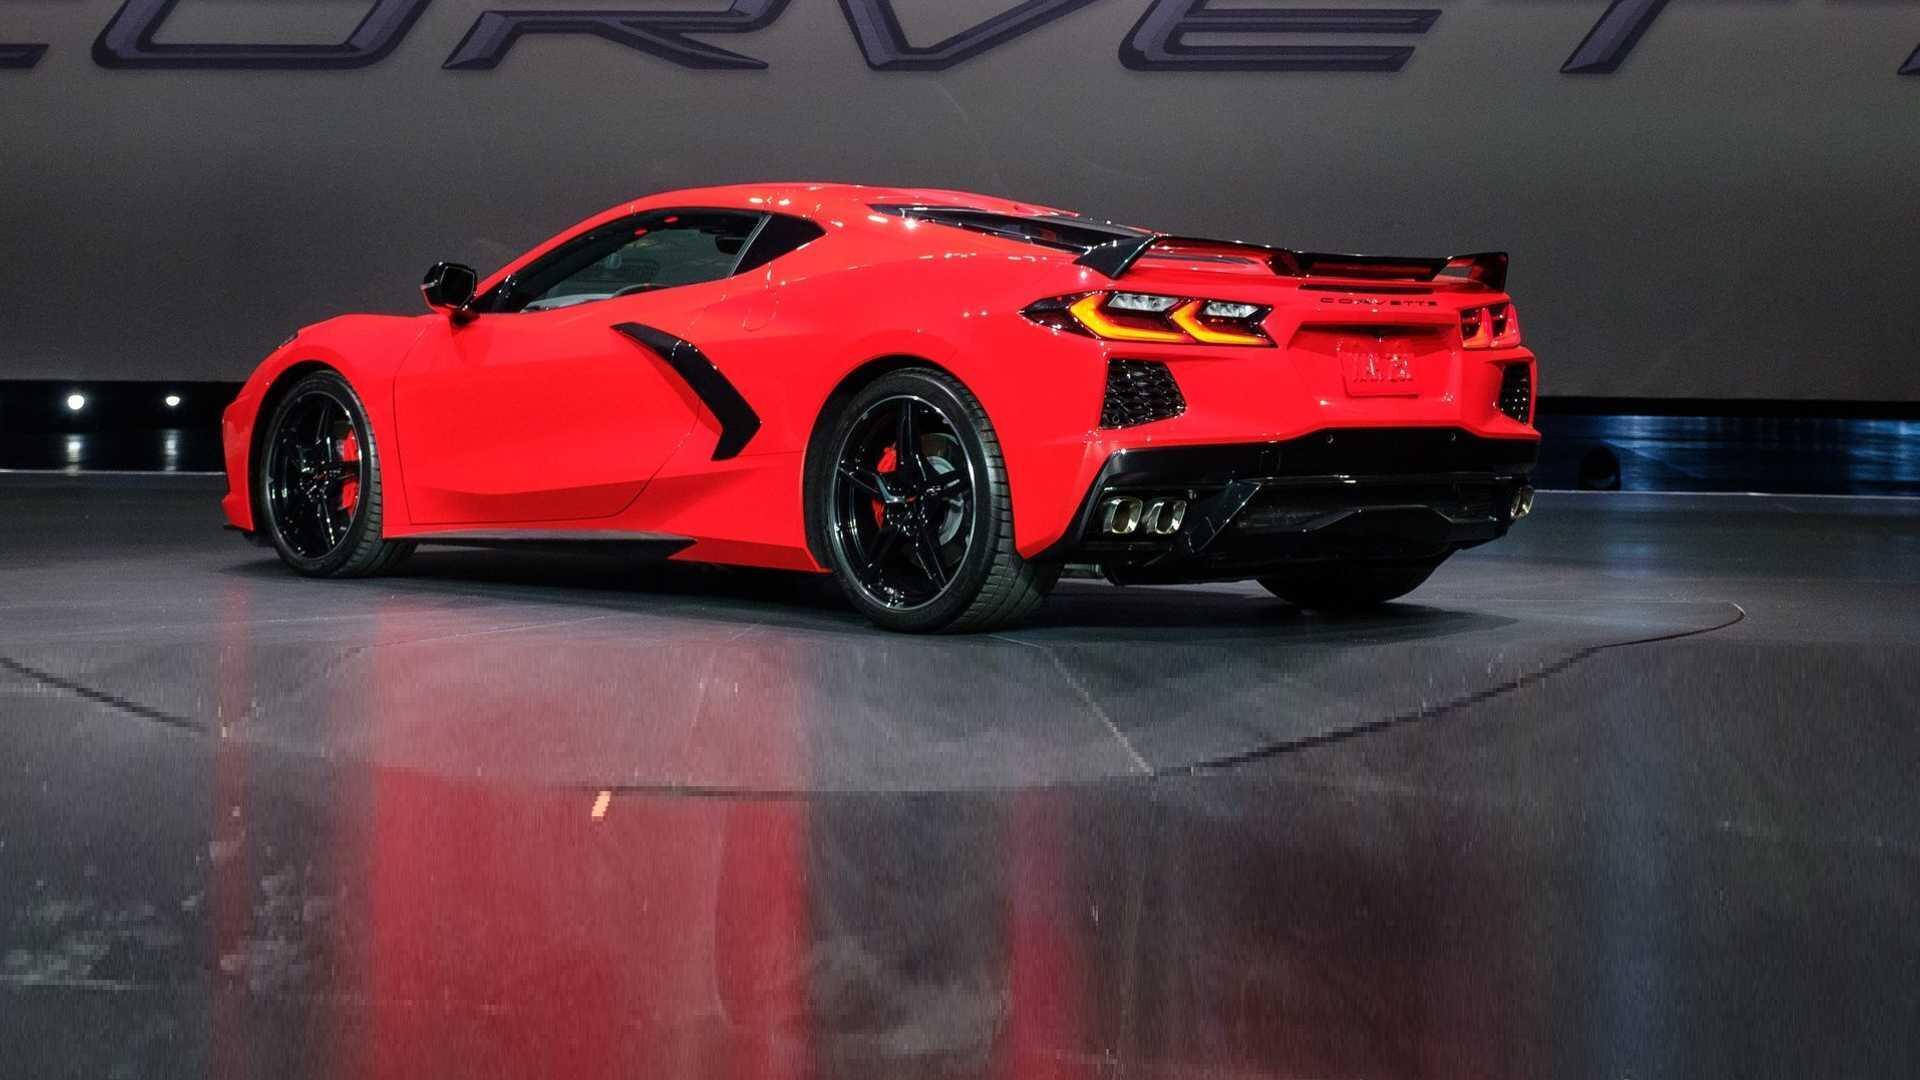 https://cdn.dailyxe.com.vn/image/chevrolet-corvette-2020-co-mot-so-tinh-nang-an-tuyet-voi-8-94520j2.jpg